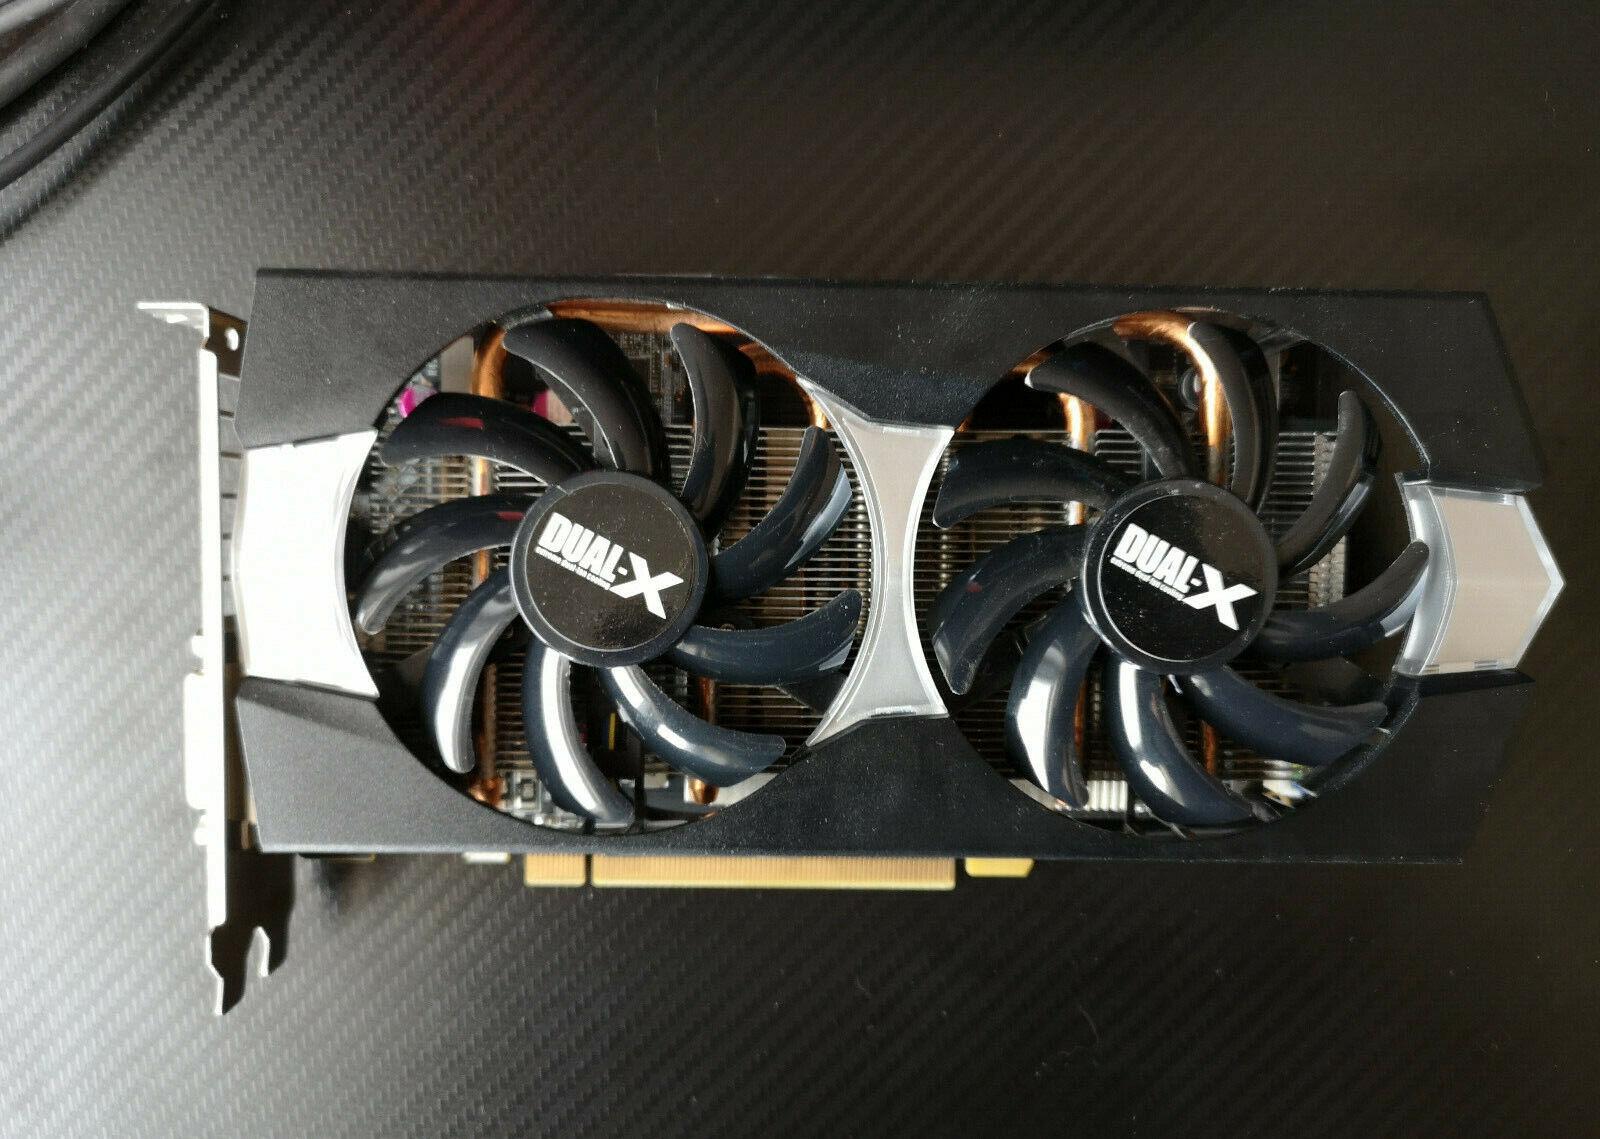 AMD Radeon R9 270X - Sapphire 270X 11217-01-20G Dual-X Radeon R9 ATI Grafikkarte